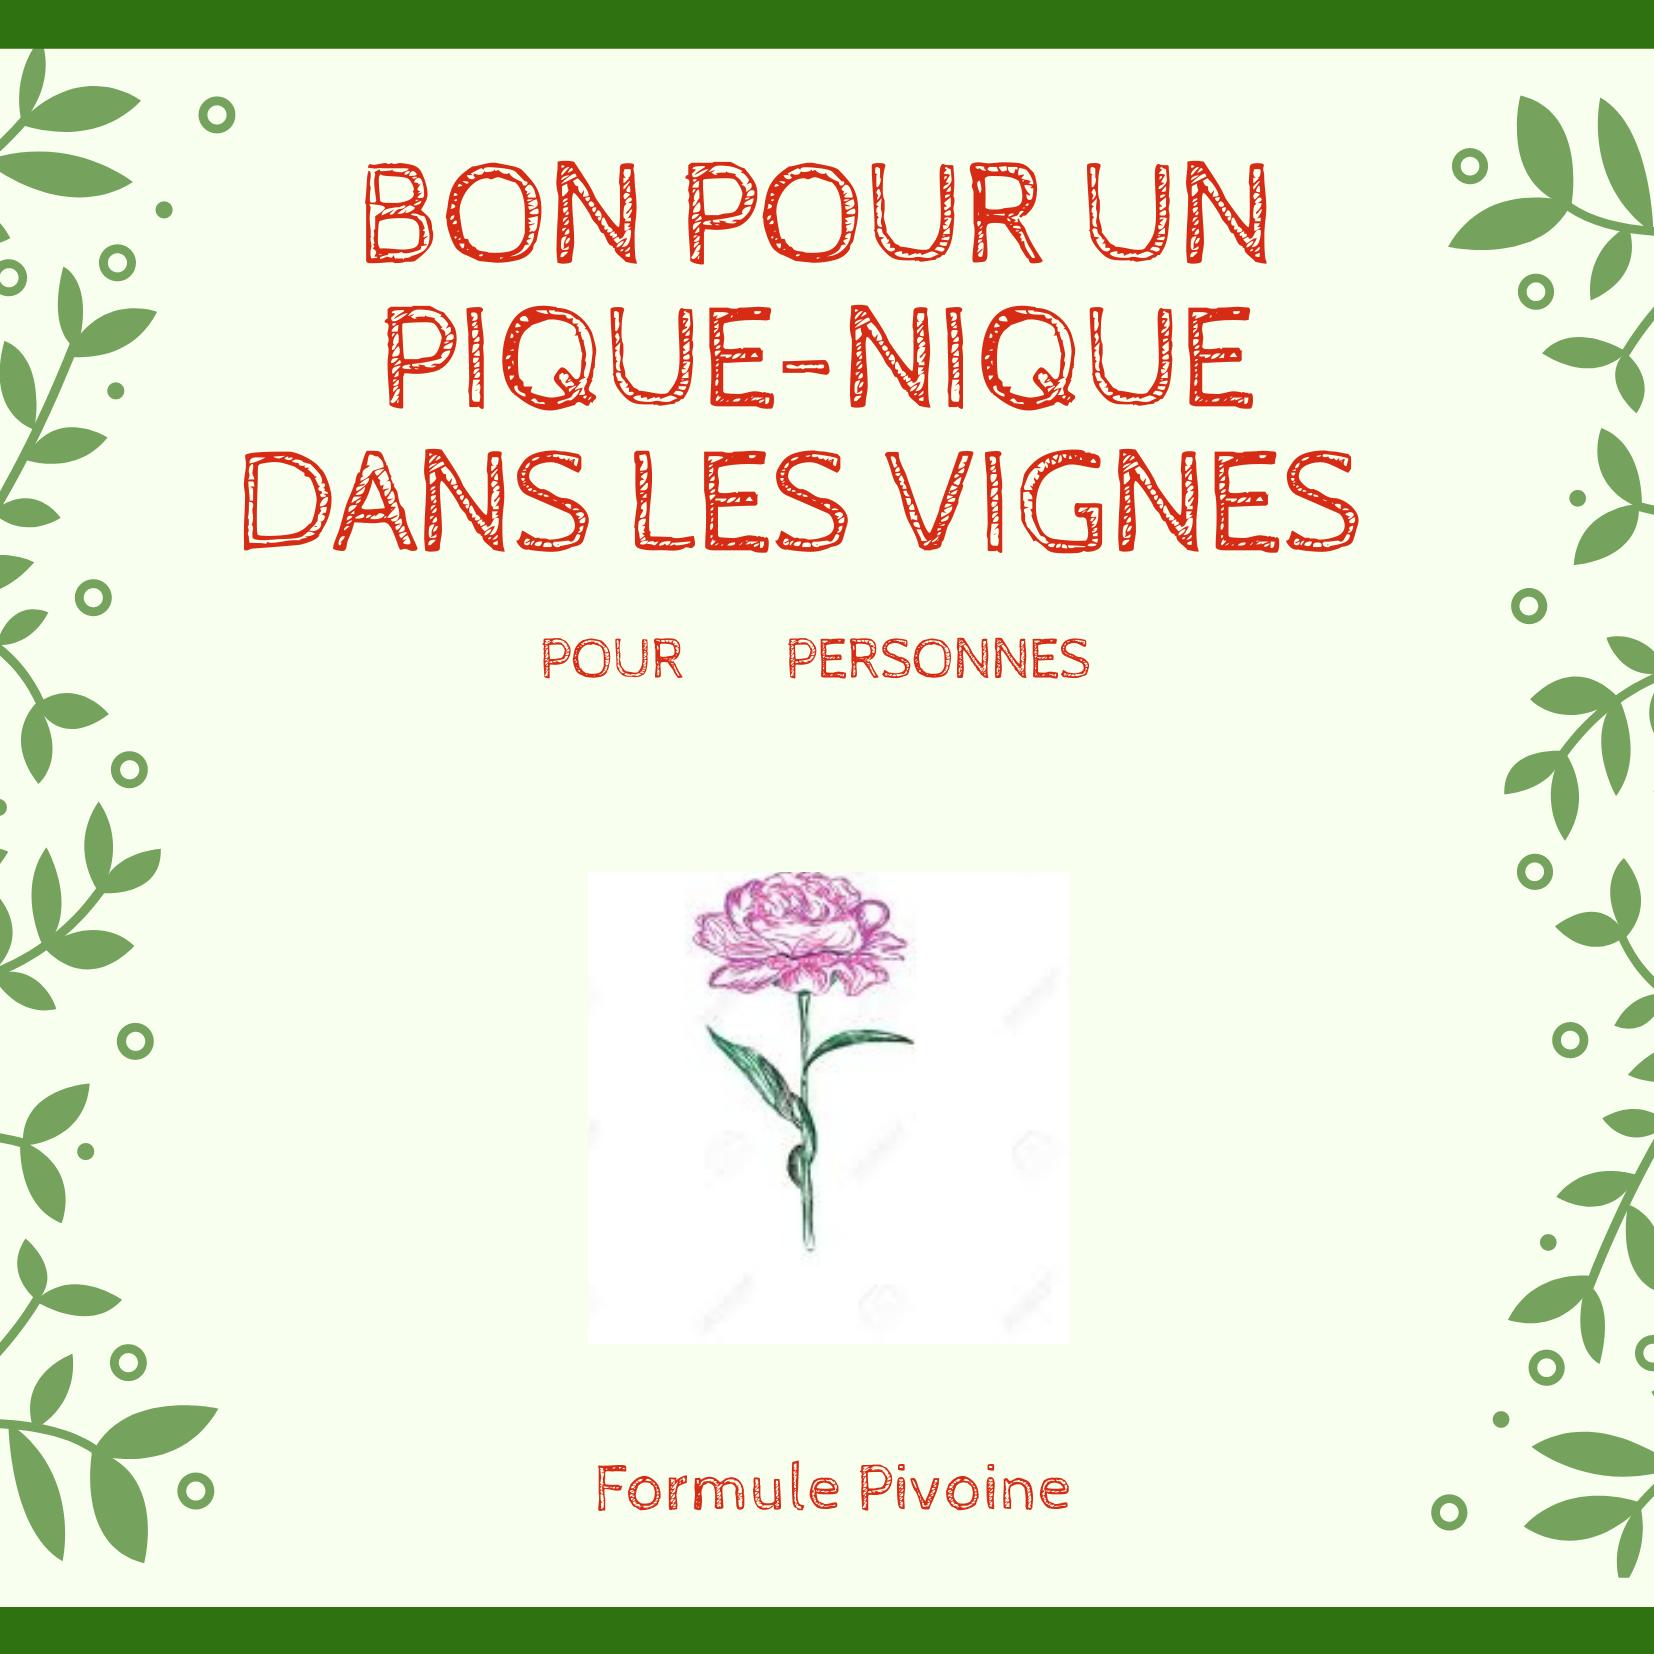 Bon cadeau Pivoine